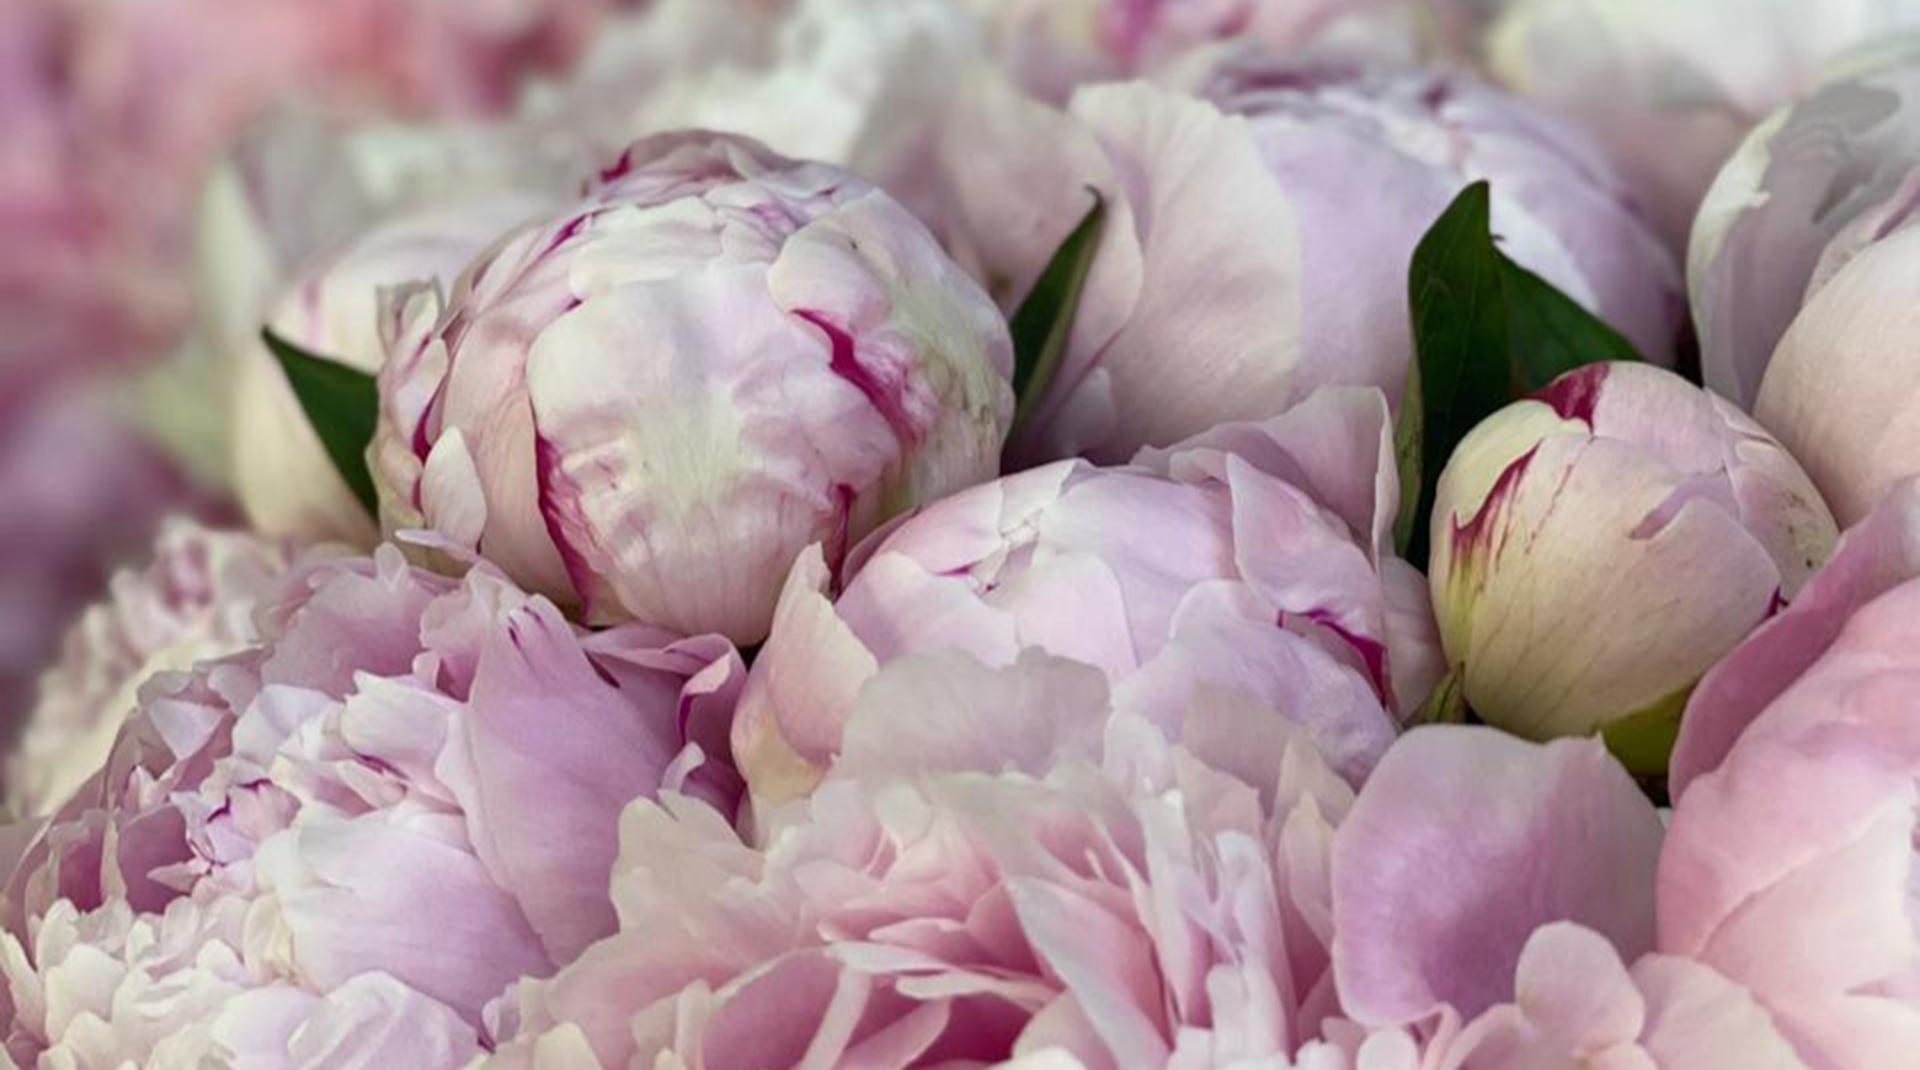 Пир во время чумы: как на гребне пандемии мы превратили небольшой цветочный в элитную доставку цветов